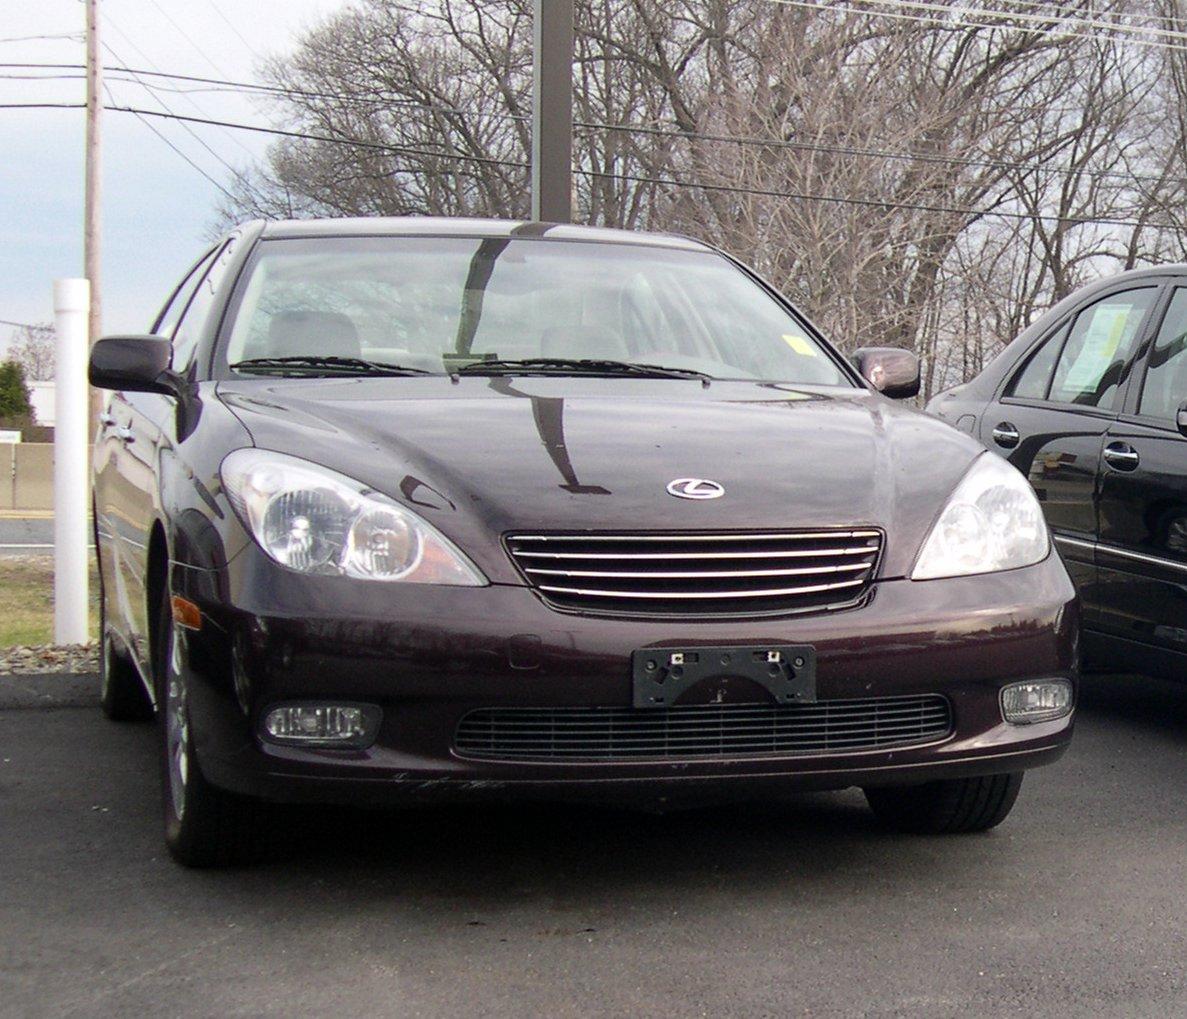 File:2002 Lexus ES 300